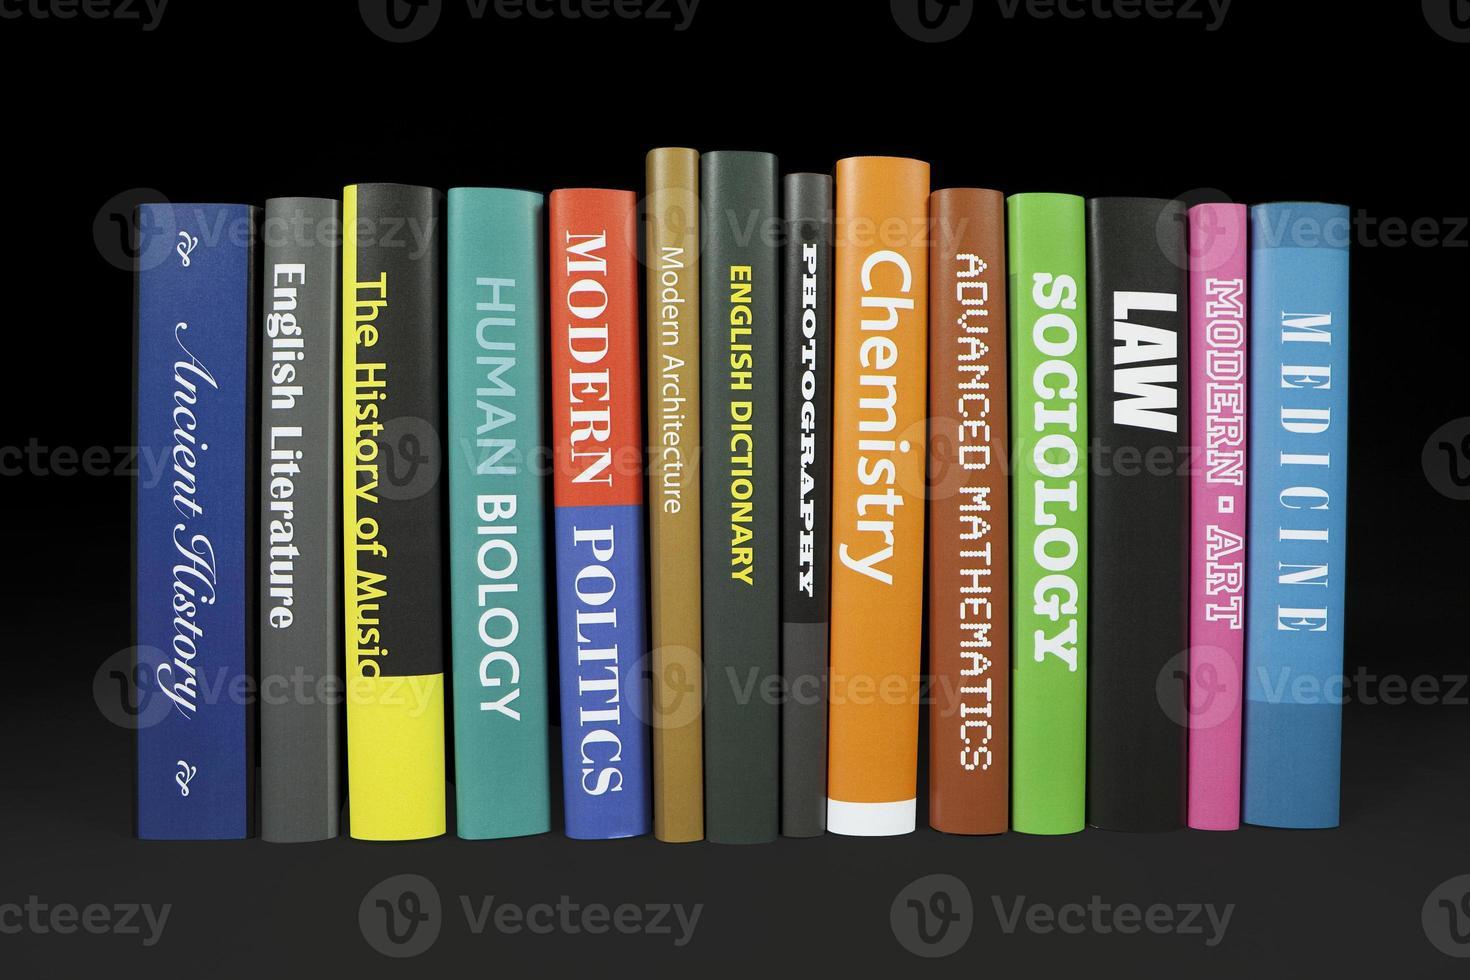 livres sur noir photo